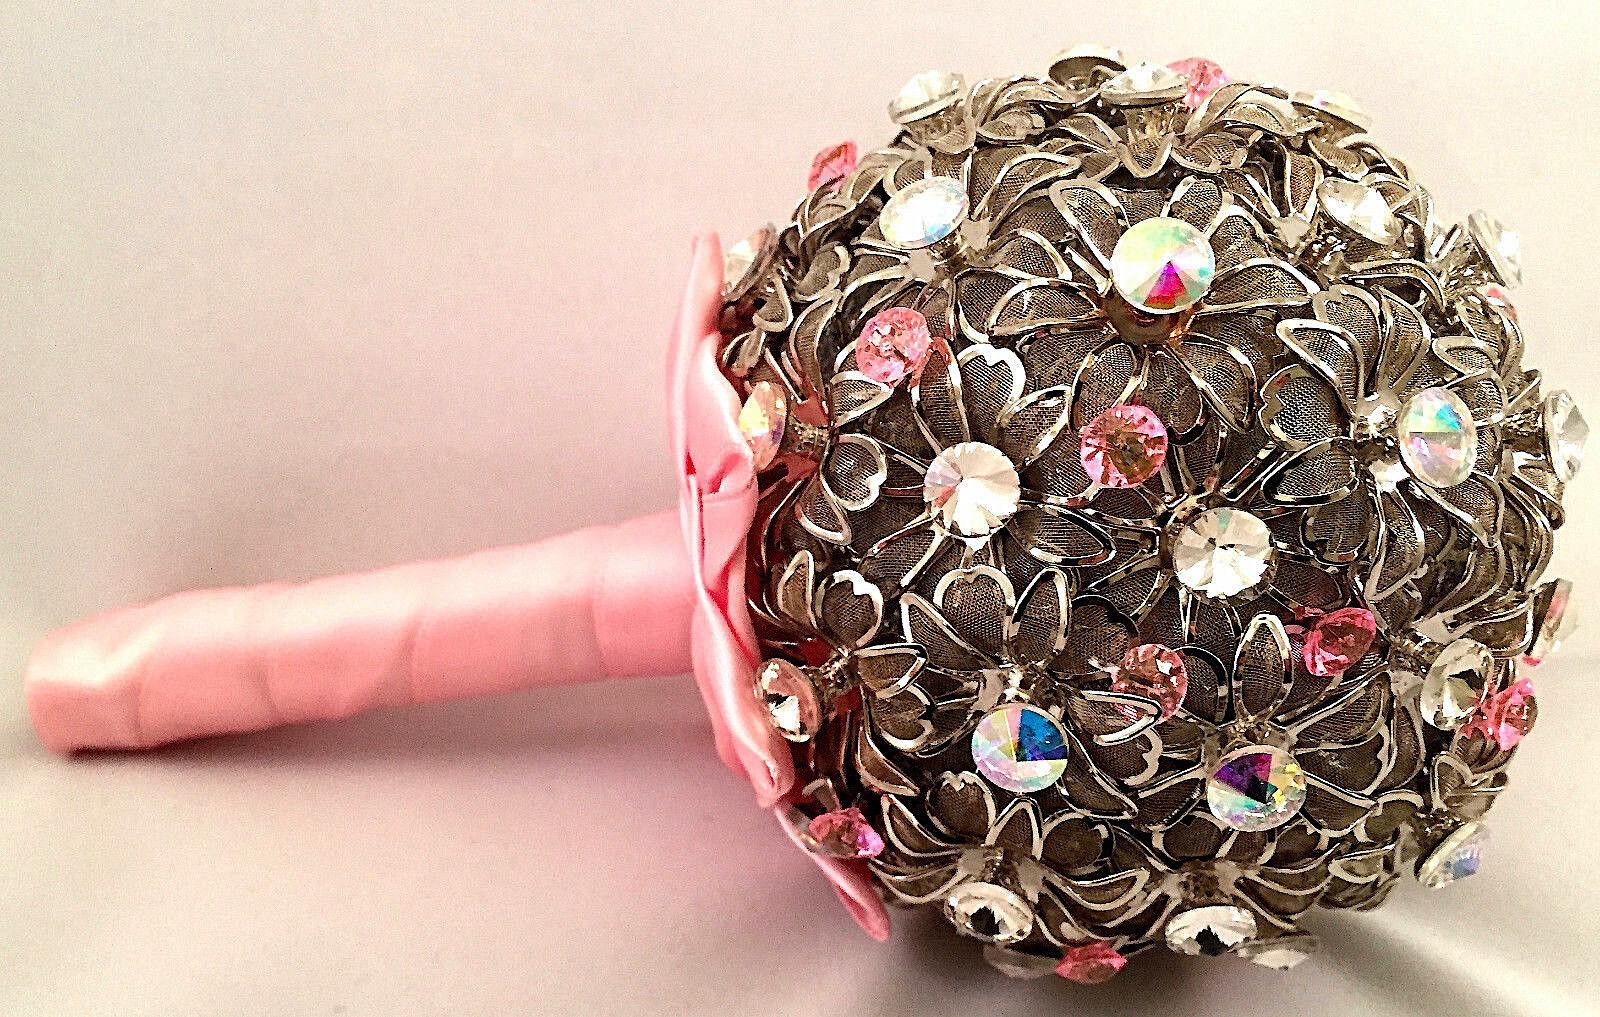 Nouveau Mariage Broche Bouquet Rose & Argent Clair Fait à la main avec cristaux Swarovski